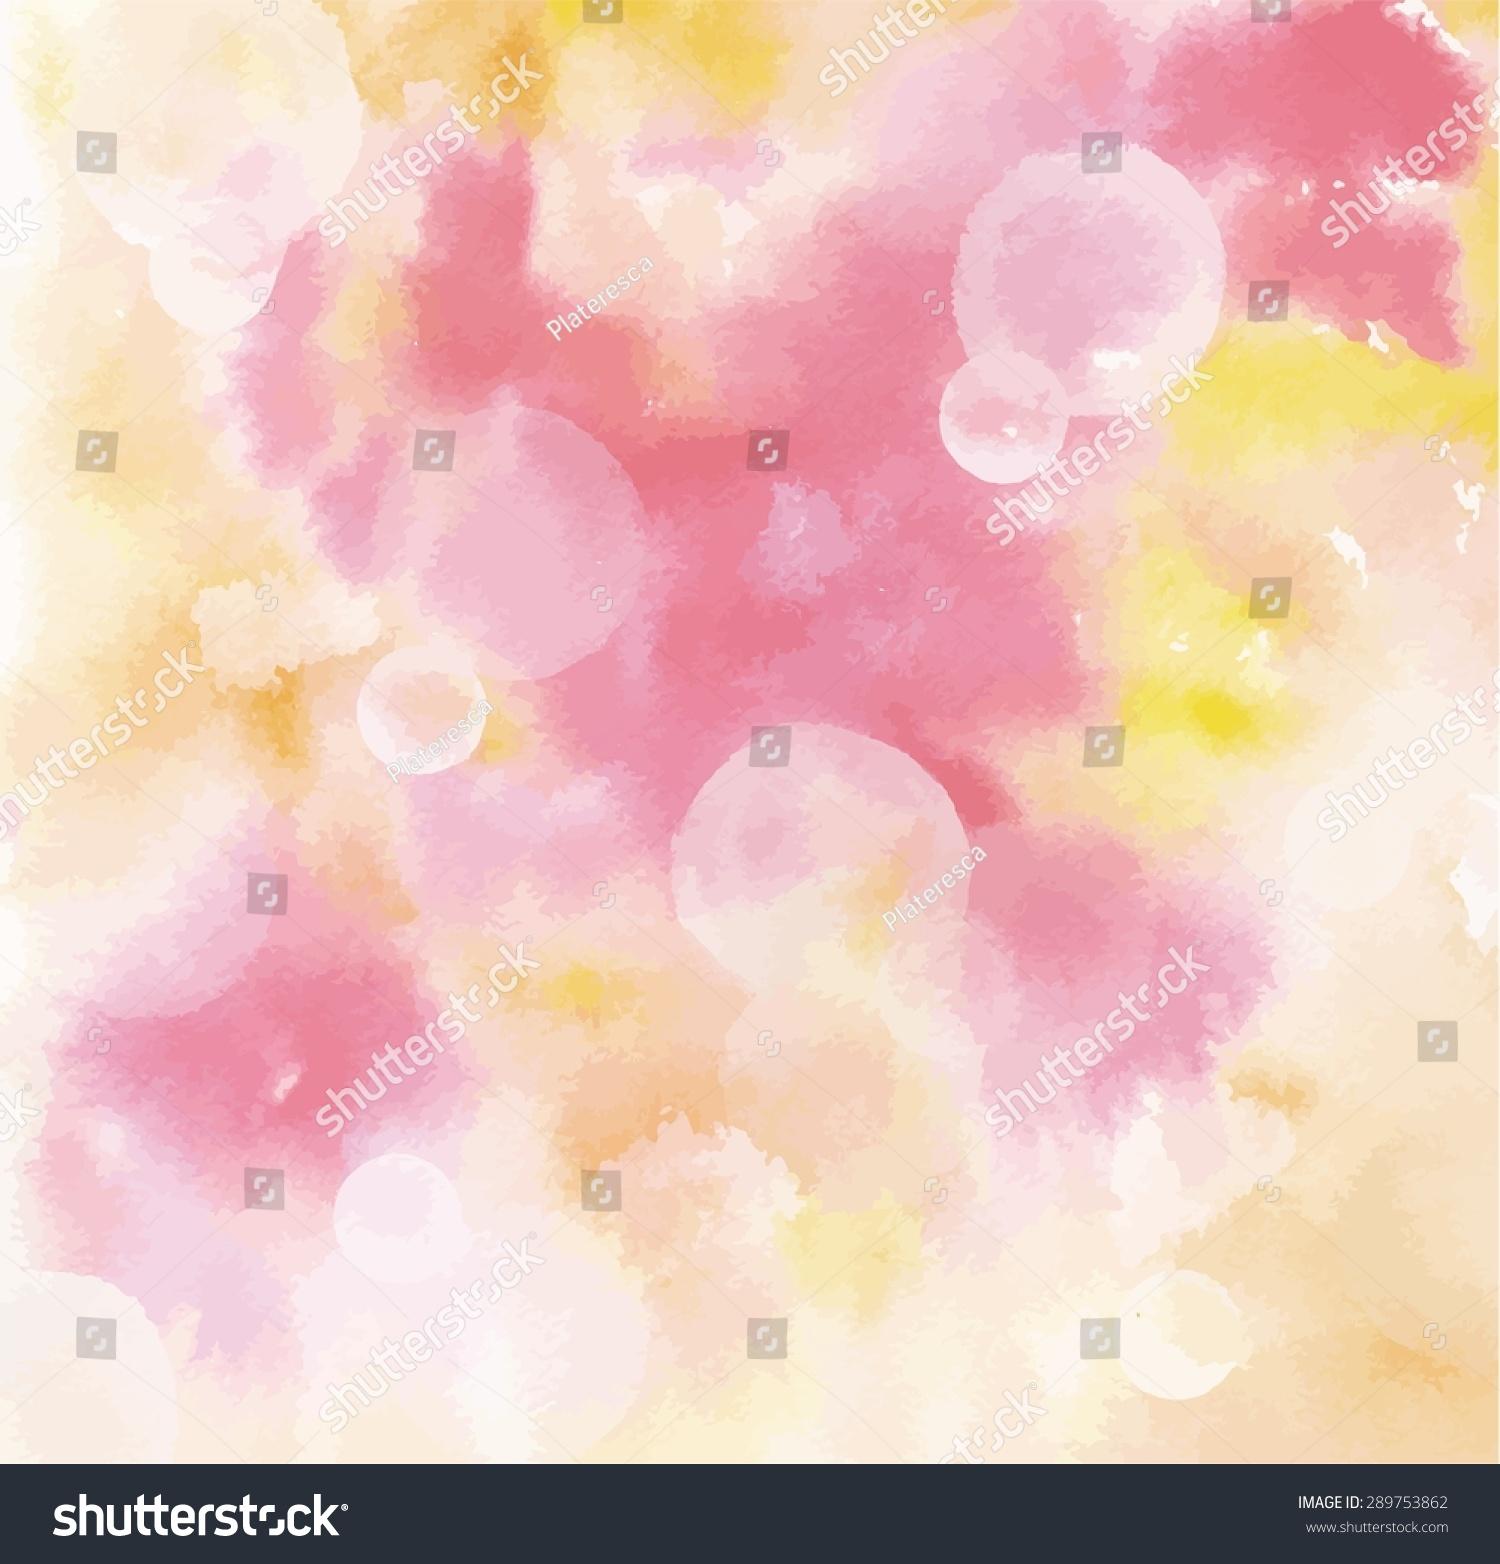 抽象的粉红色和黄色水彩背景纹理与散景,可缩放矢量